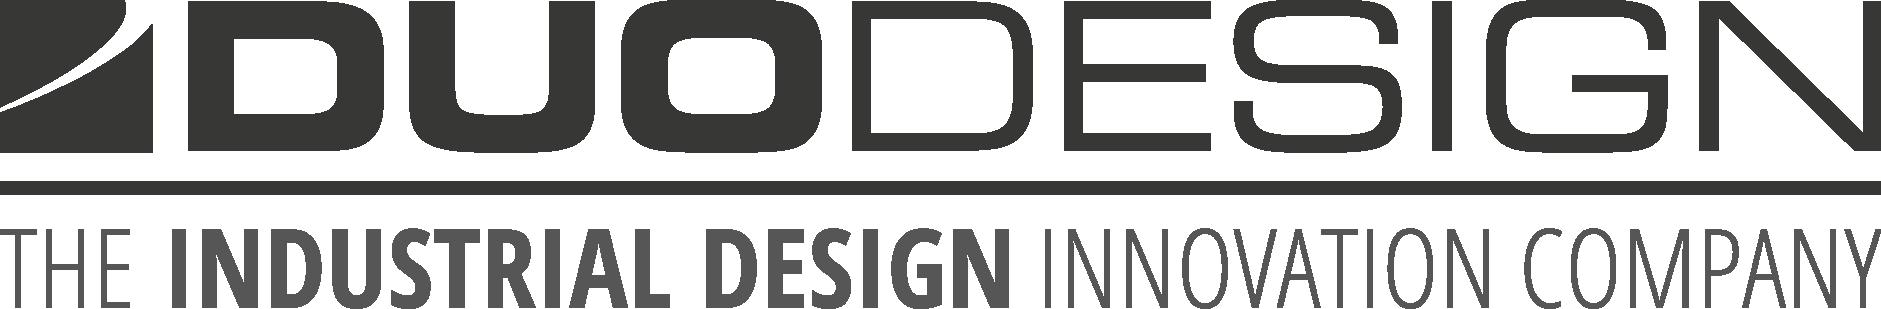 DuoDesign GmbH